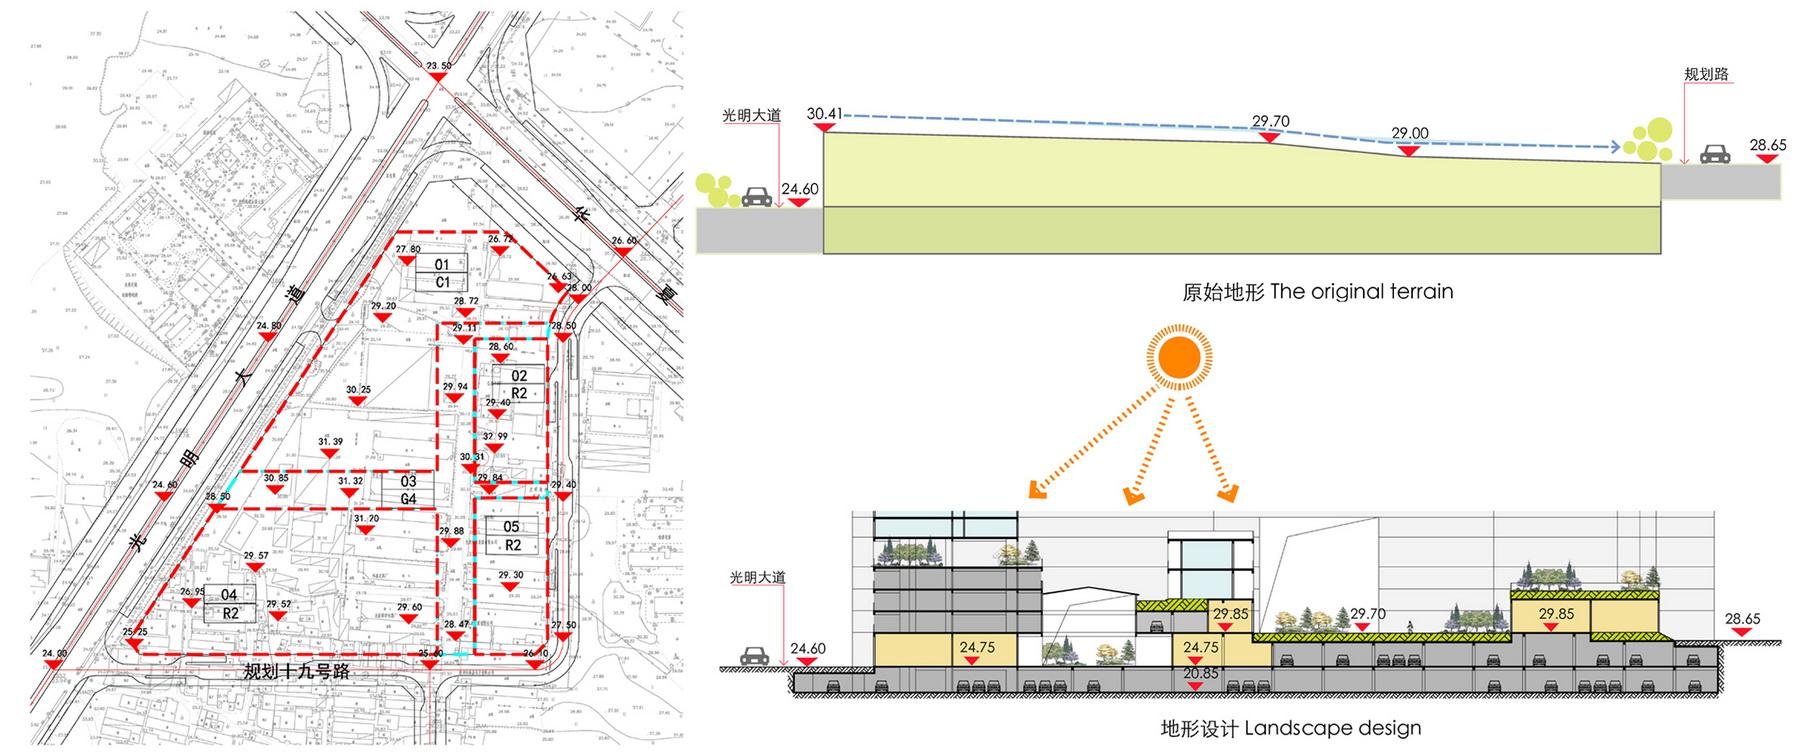 深圳 宏发万悦山城市更新项目 建筑设计 / 森磊设计